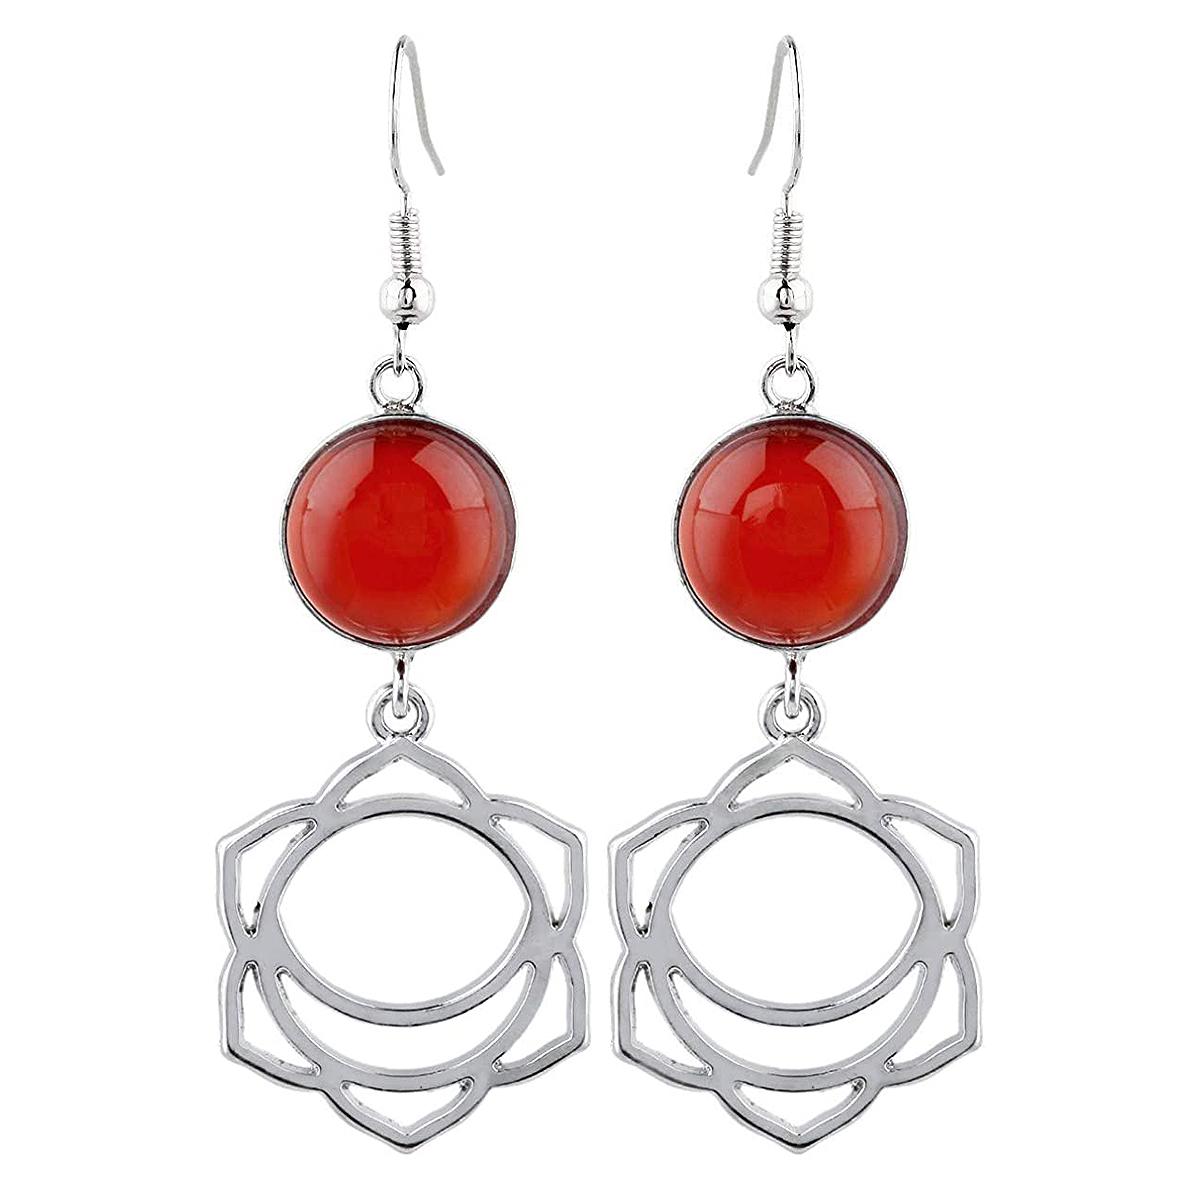 sacral-chakra-earrings